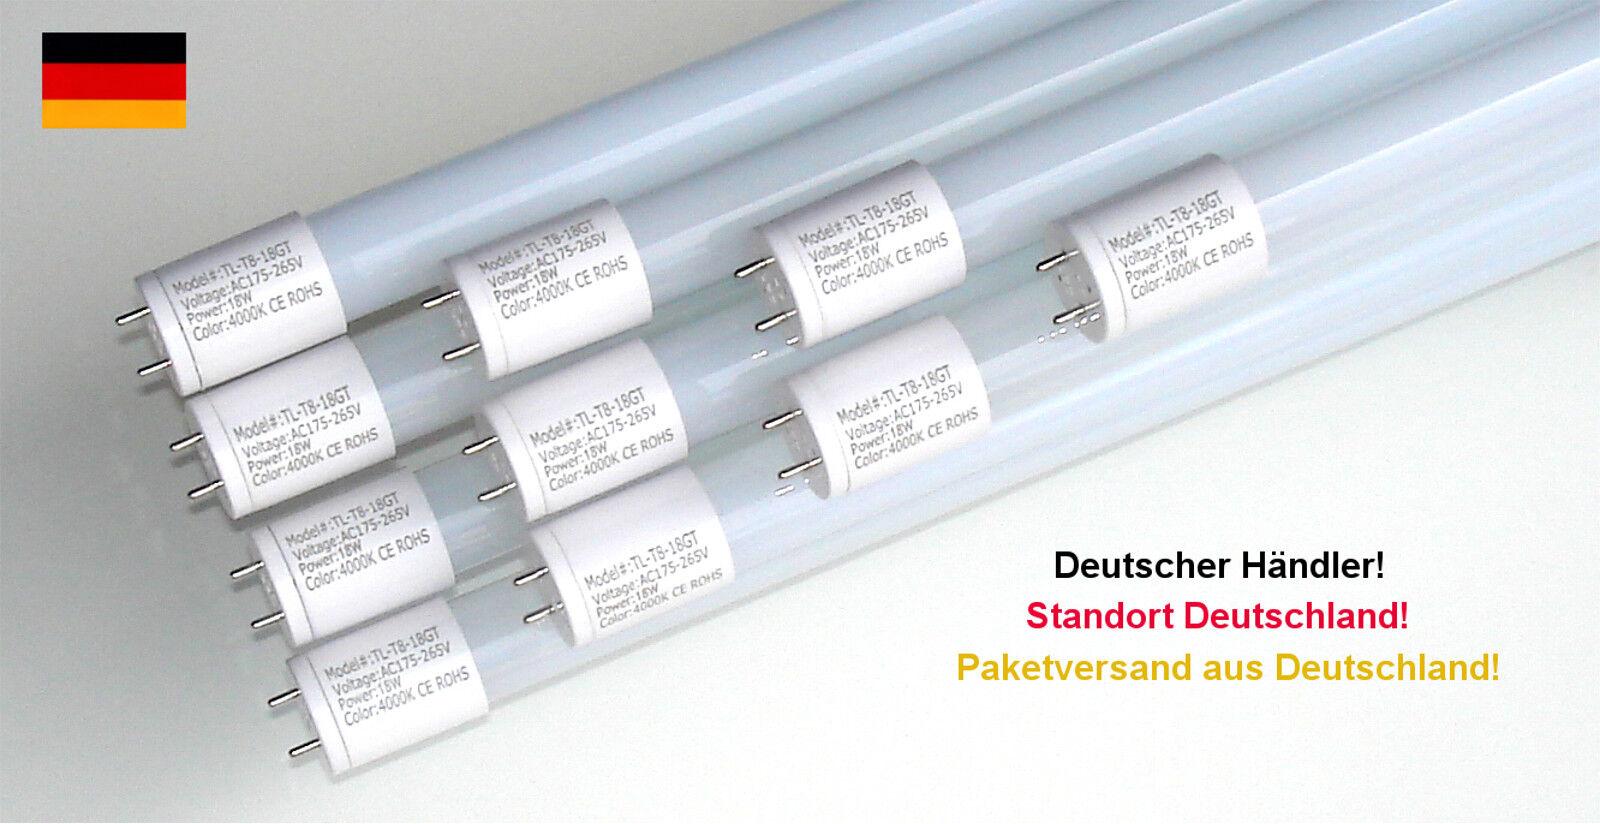 LED Leuchtröhre Neonröhre Leuchtstofflampe 10er Pack T8 G13 150 cm 2700K EEK A+